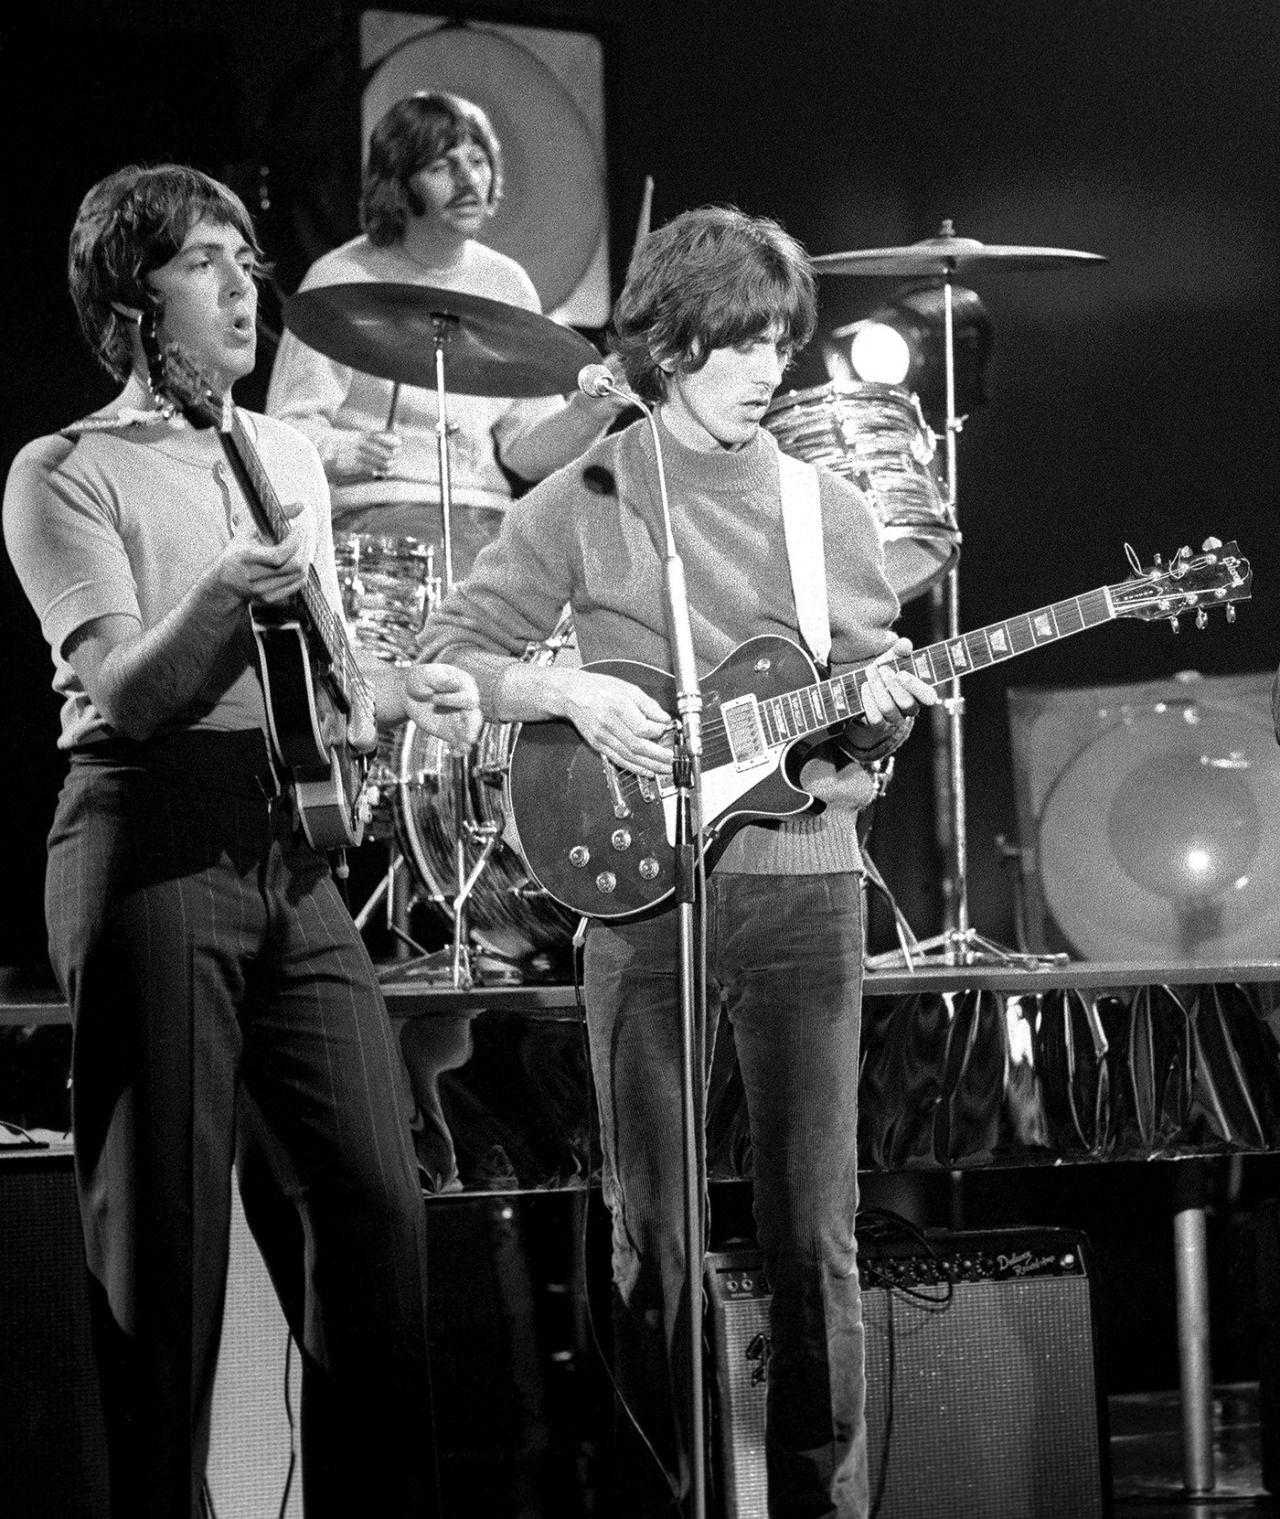 ãringo starr playing drums 1968ãã®ç»åæ¤ç´¢çµæ